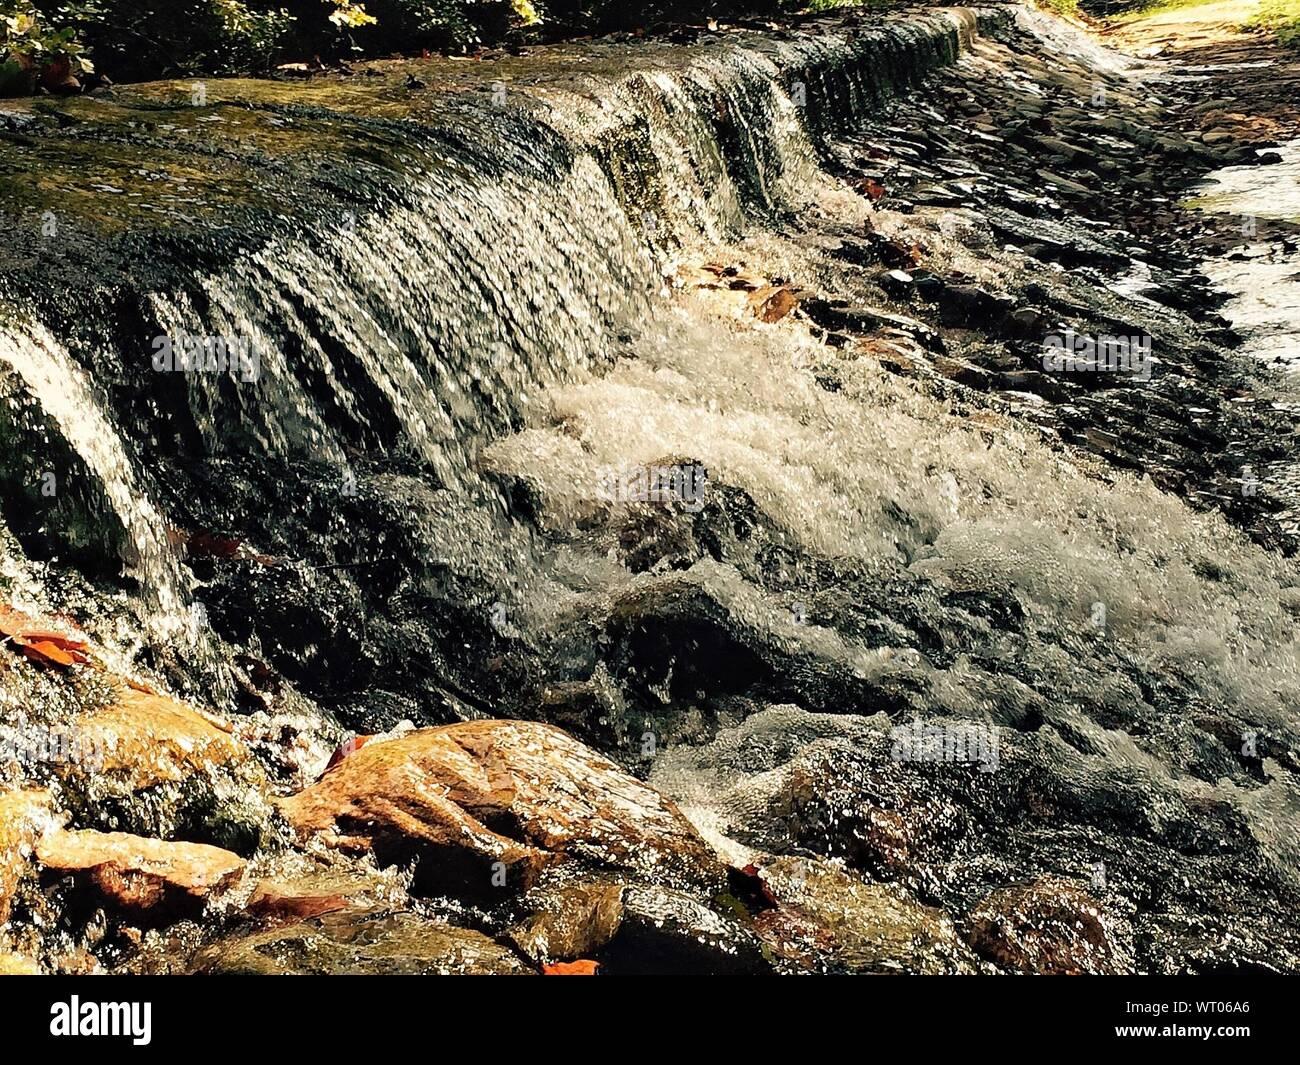 Cerca de una pequeña cascada. Foto de stock